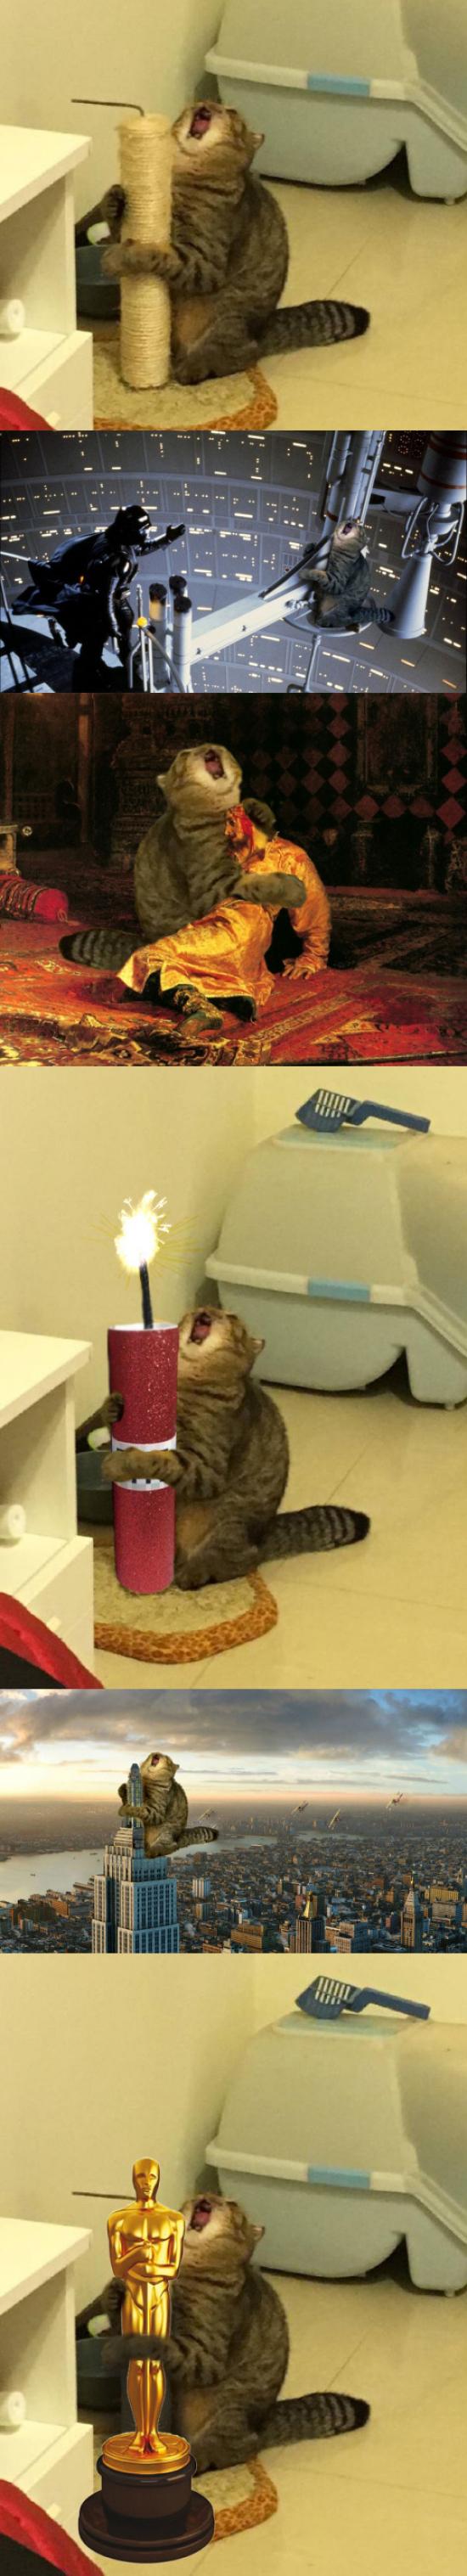 Meme_otros - El gato y su rascador que llenaron internet de memes